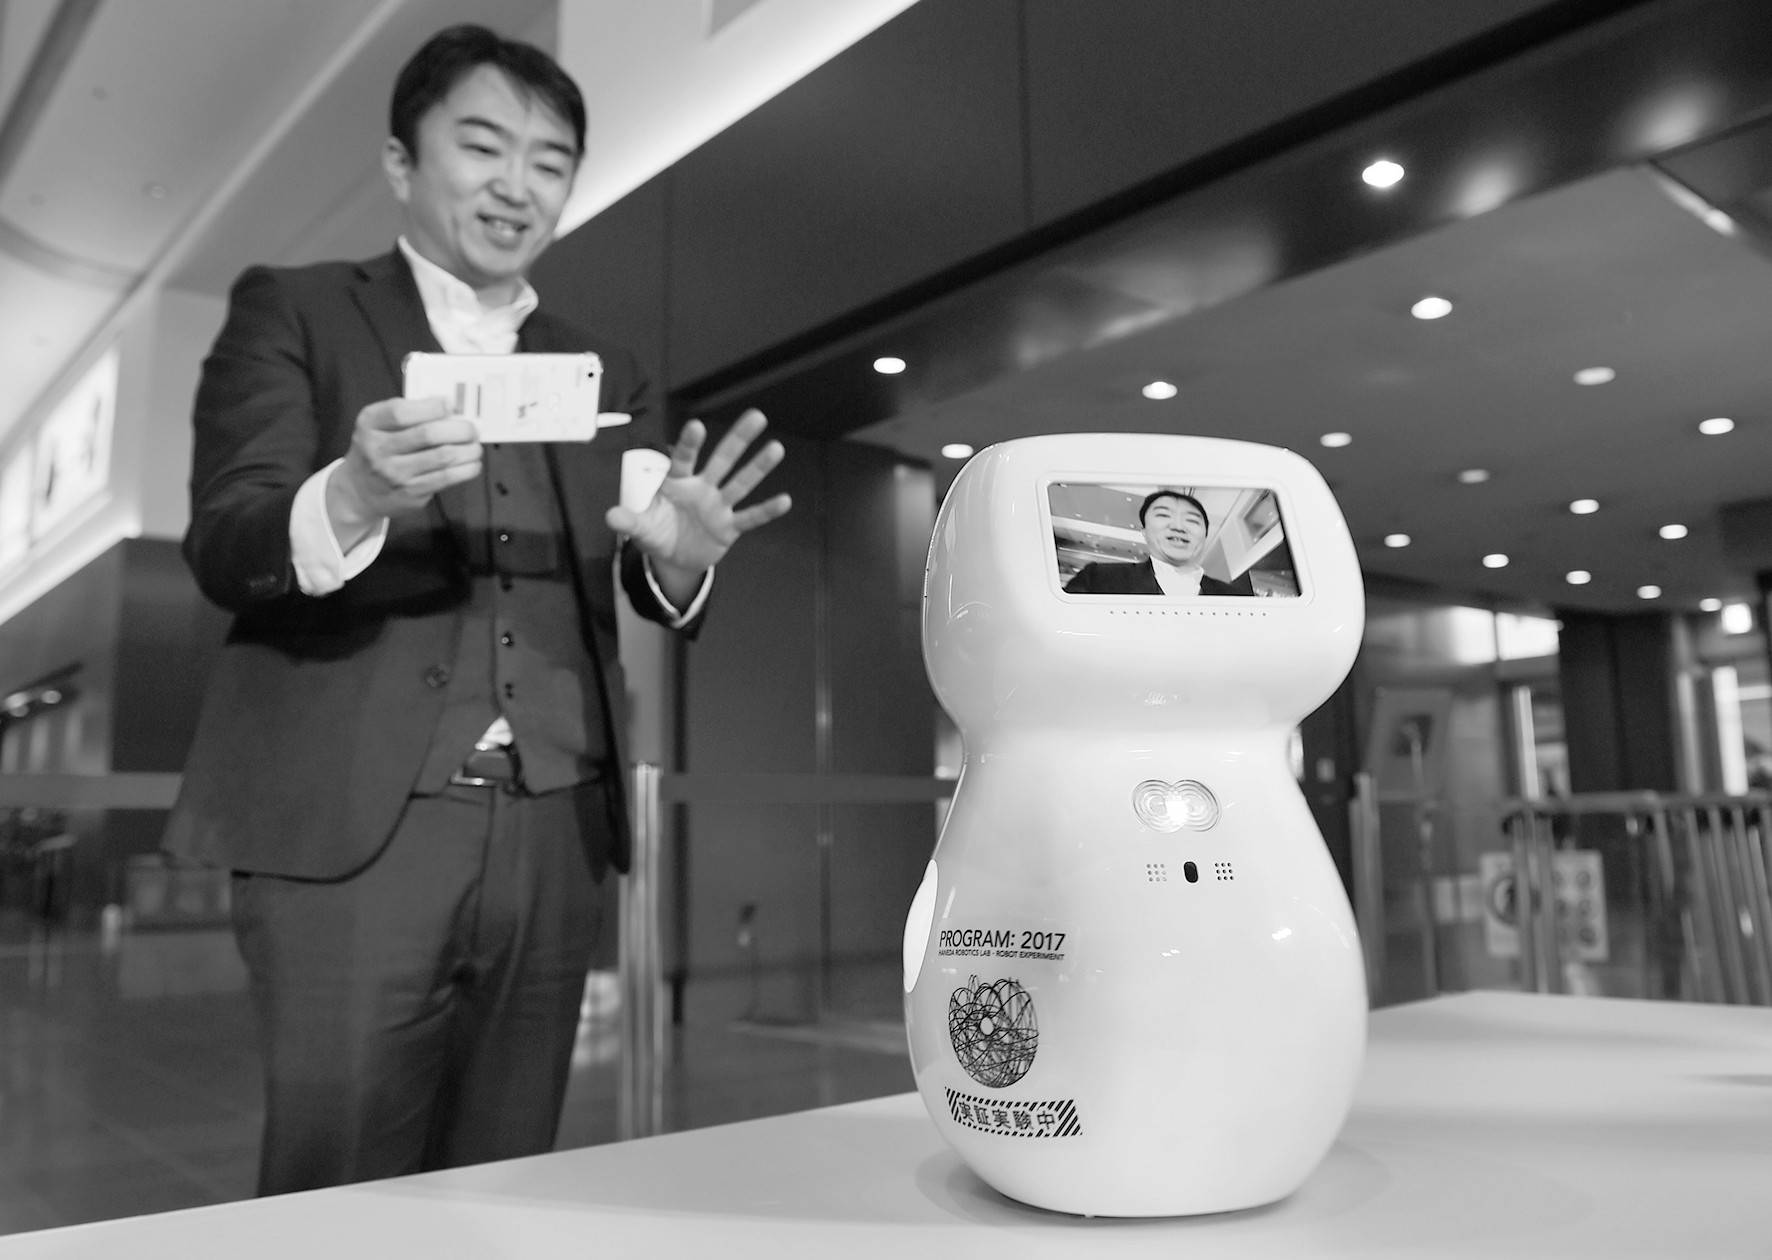 日本机器人出动 迎接东京奥运会